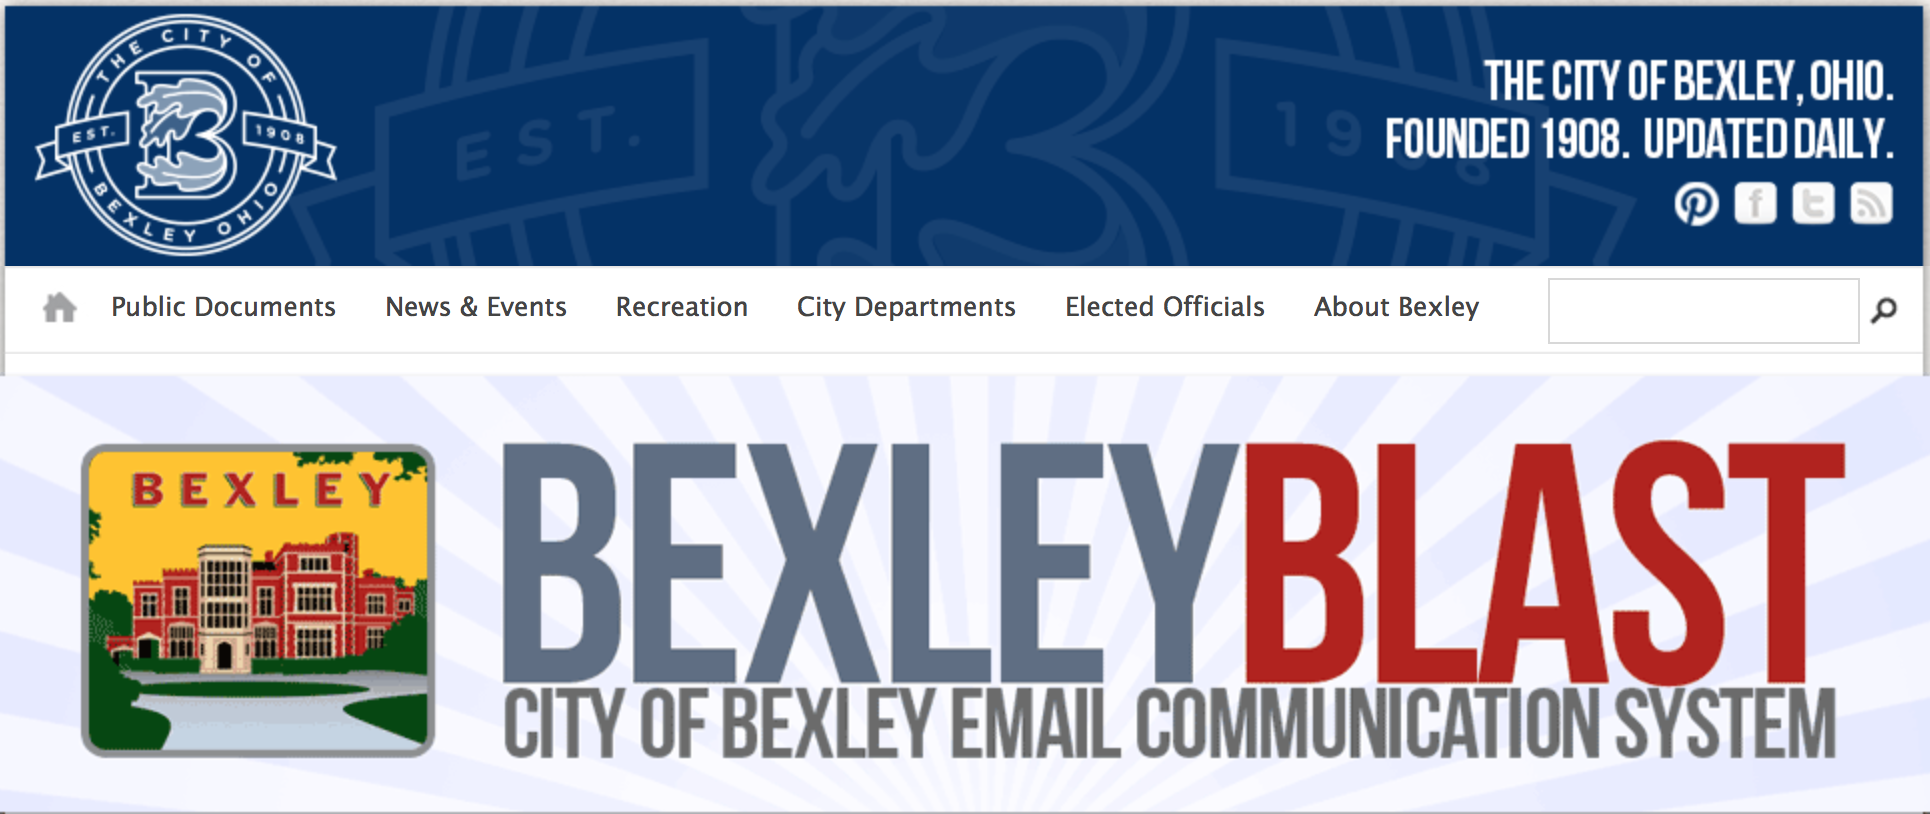 bexley-casestudy